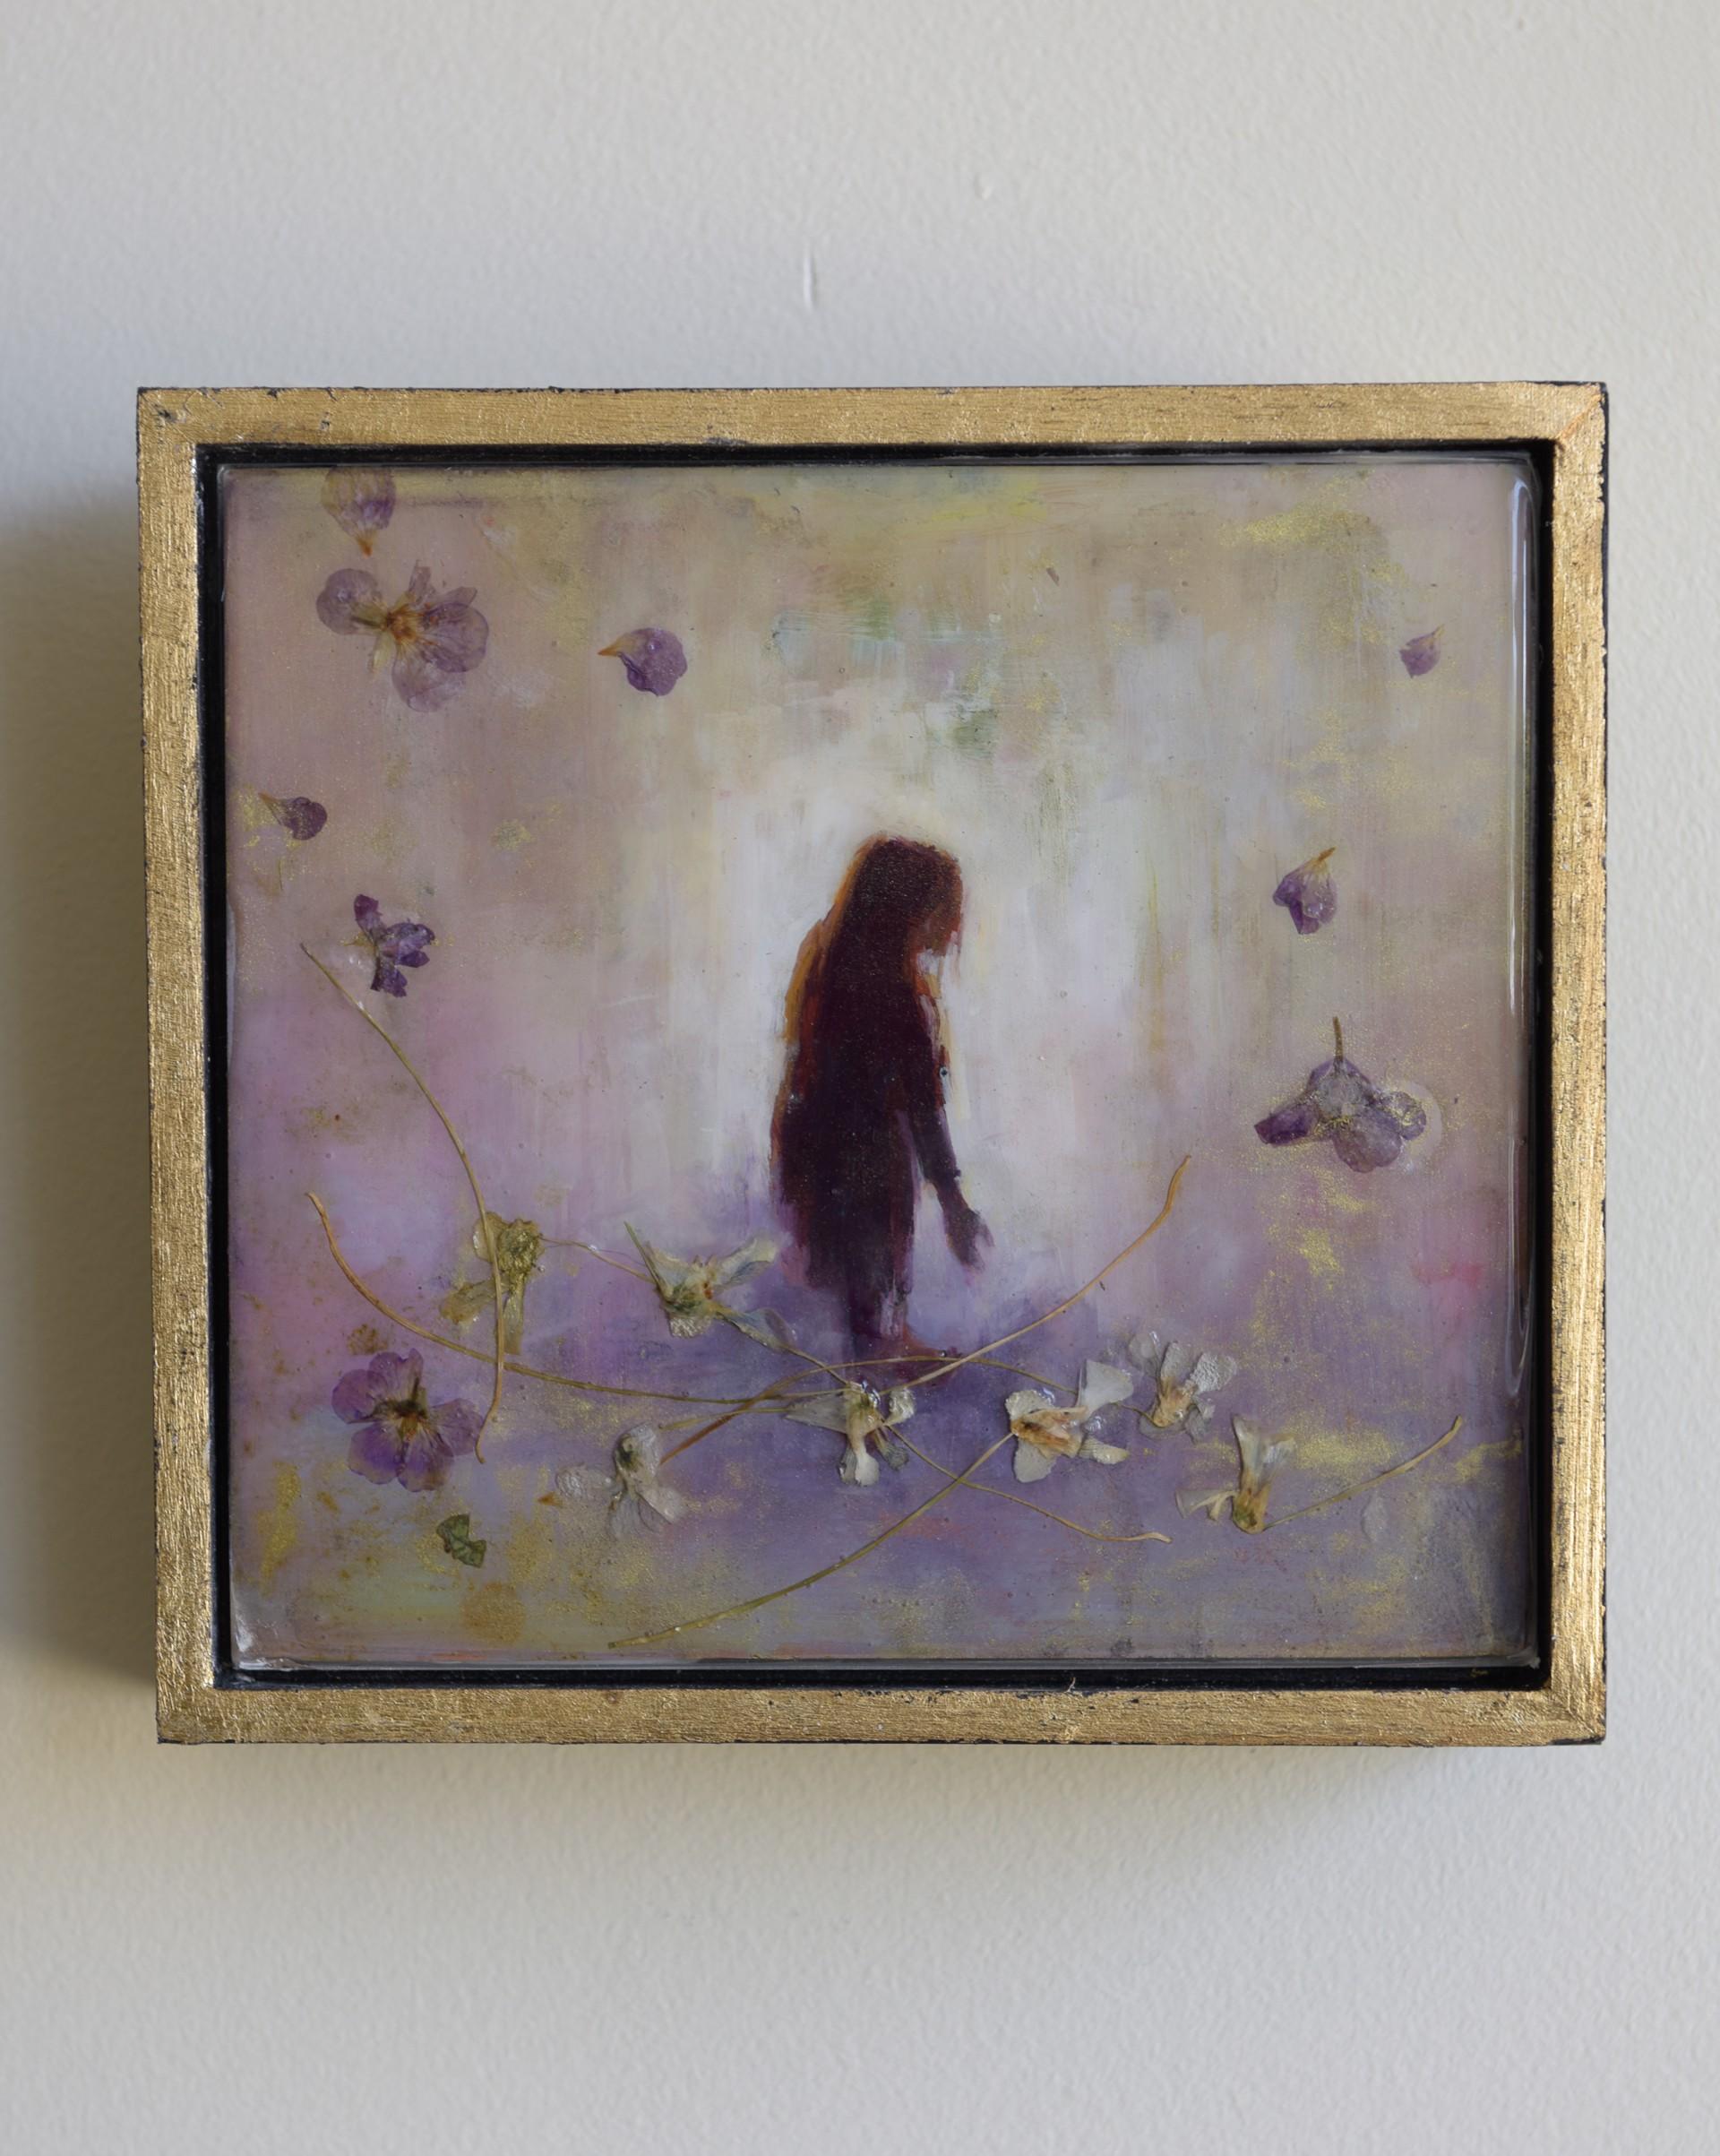 Child of Light by Ann Moeller Steverson